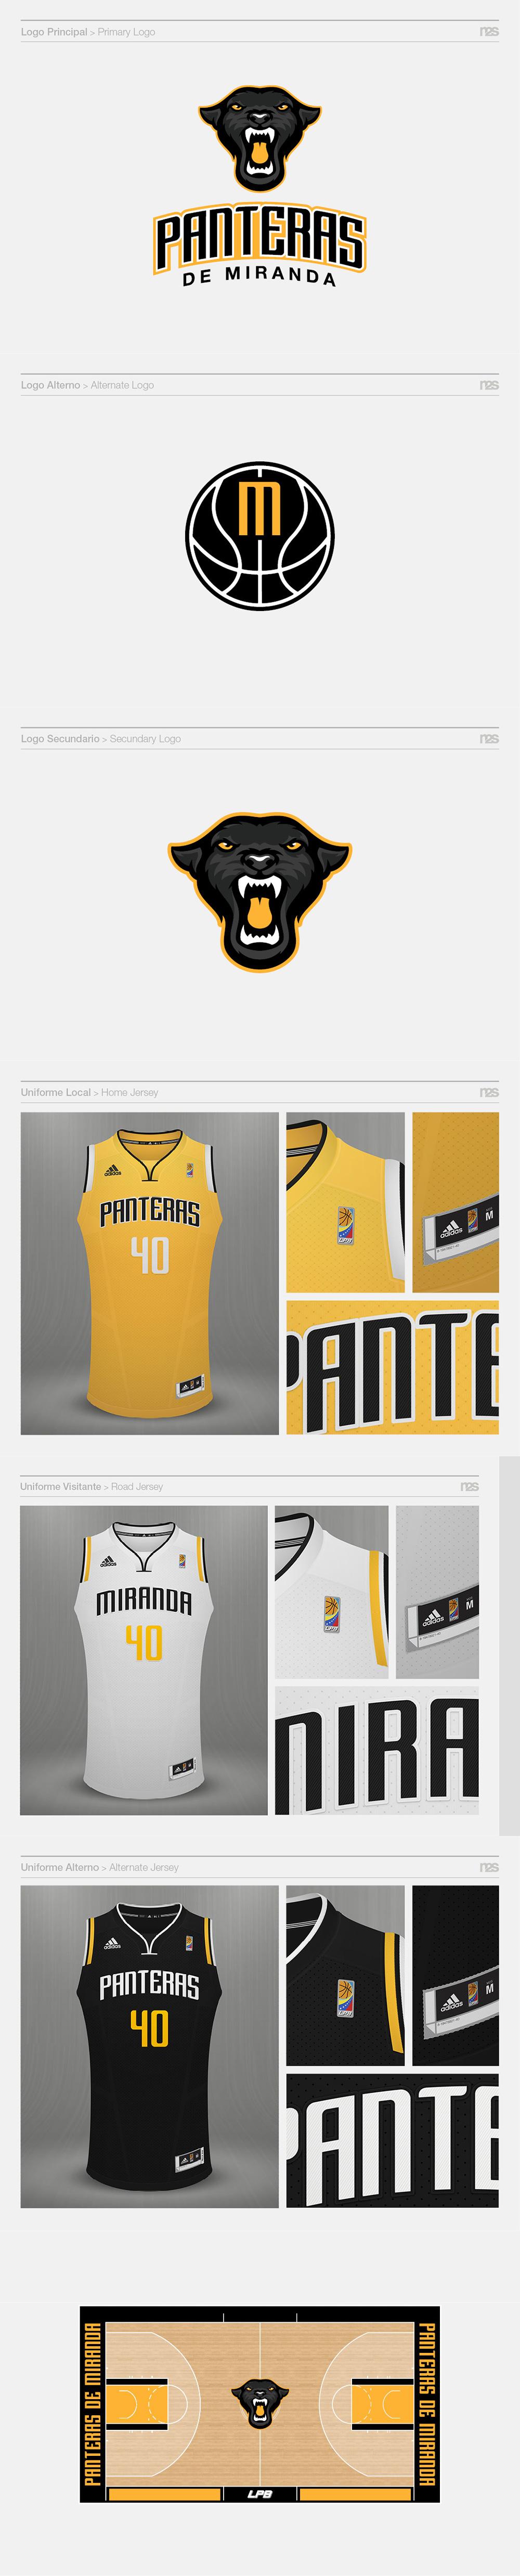 Logo del equipo de baloncesto: Panteras de Miranda por Manuel Dos Santos